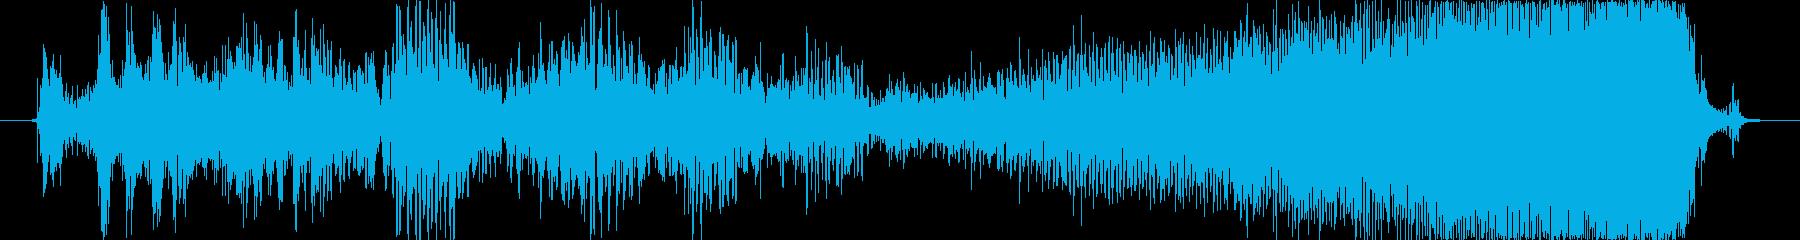 トランジション プロモーションパッド83の再生済みの波形